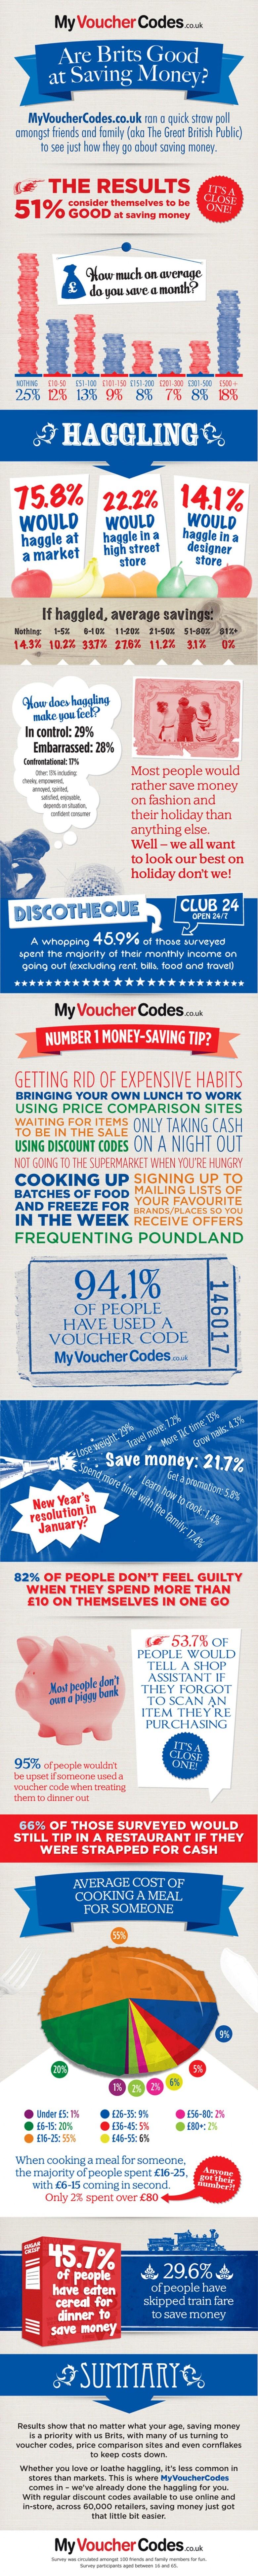 Are the Brits good at saving money?